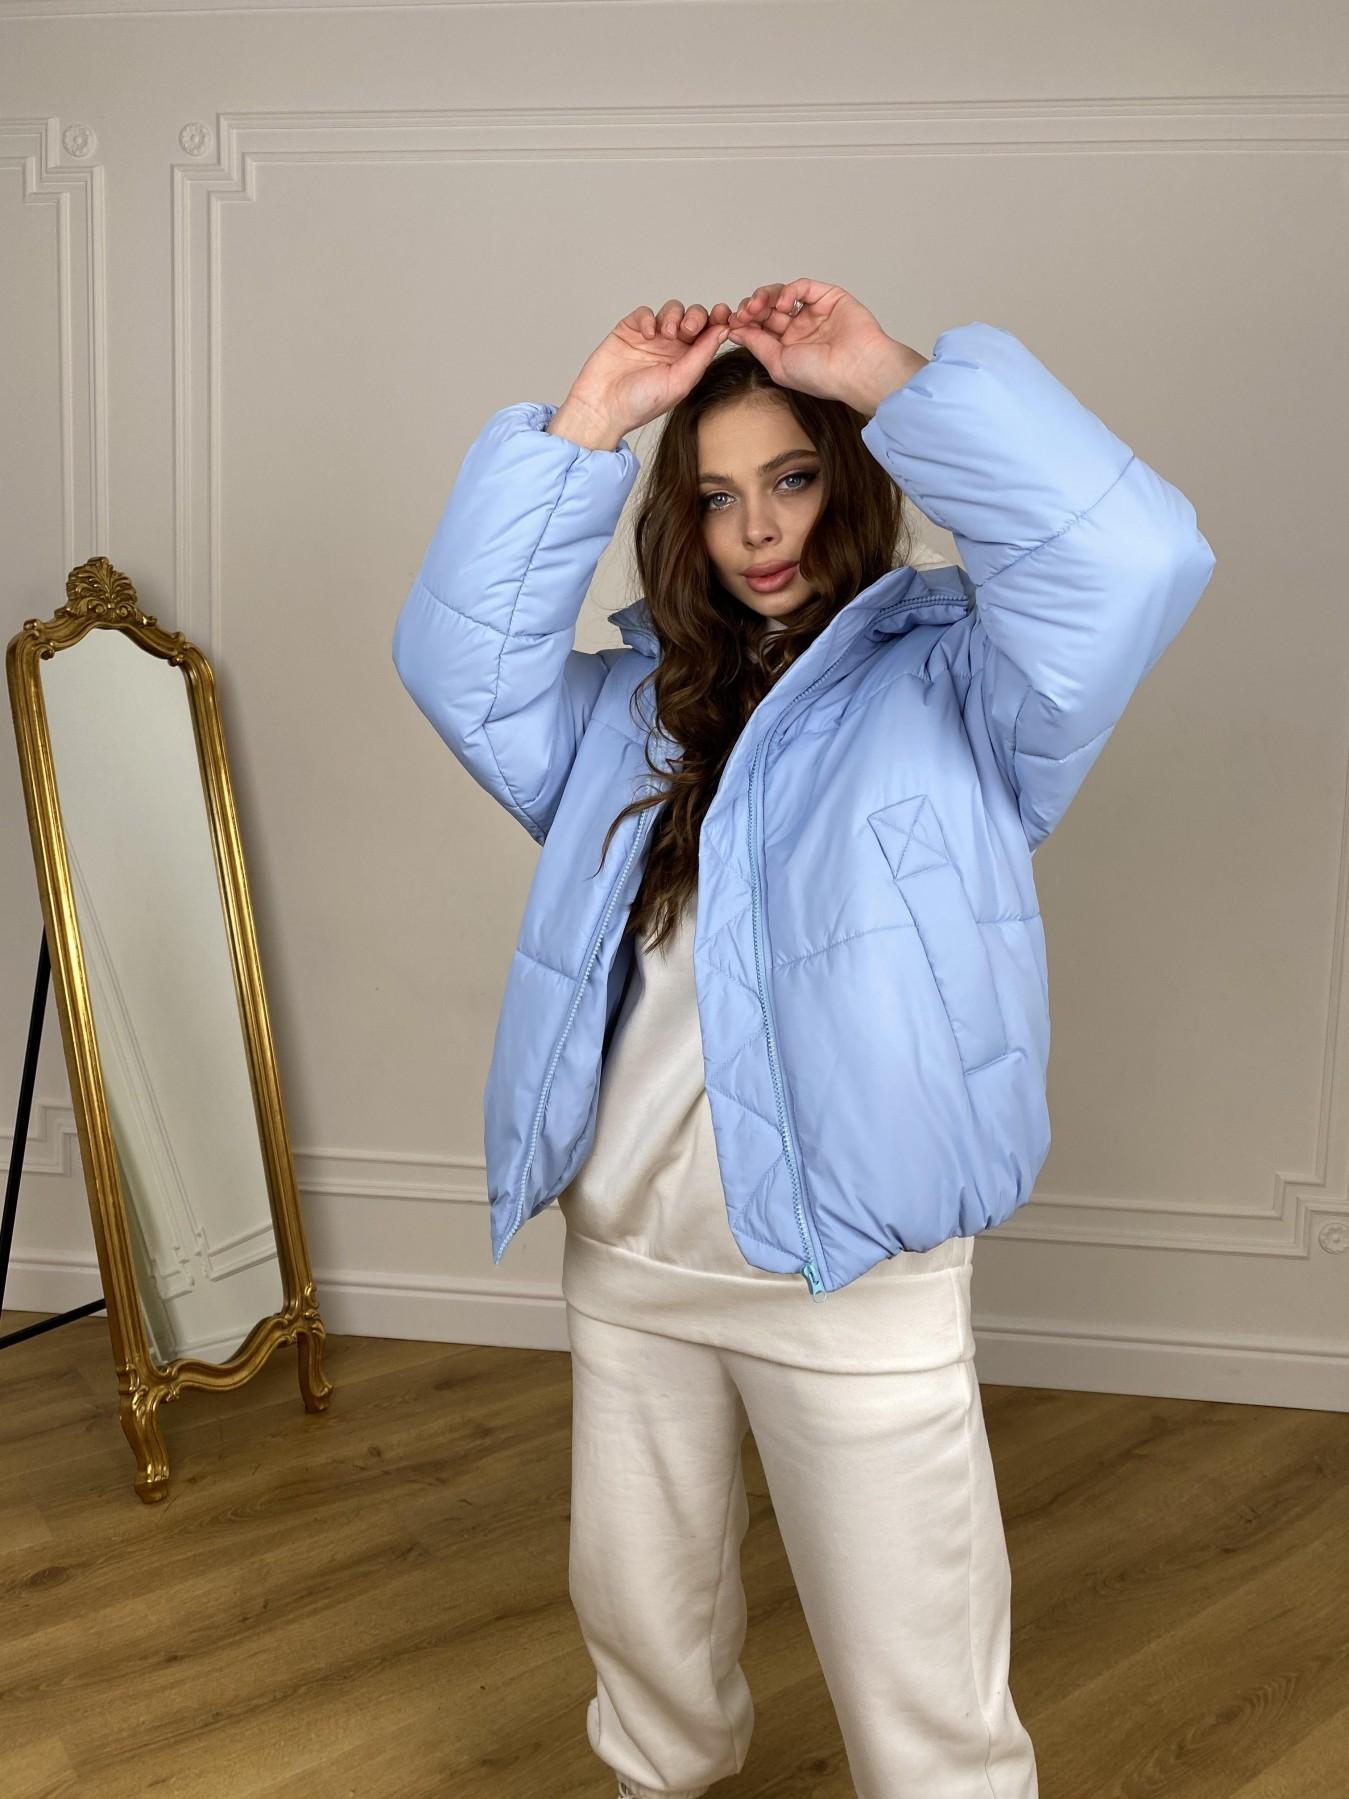 Муд куртка из плащевой ткани 10509 АРТ. 46916 Цвет: Голубой - фото 2, интернет магазин tm-modus.ru